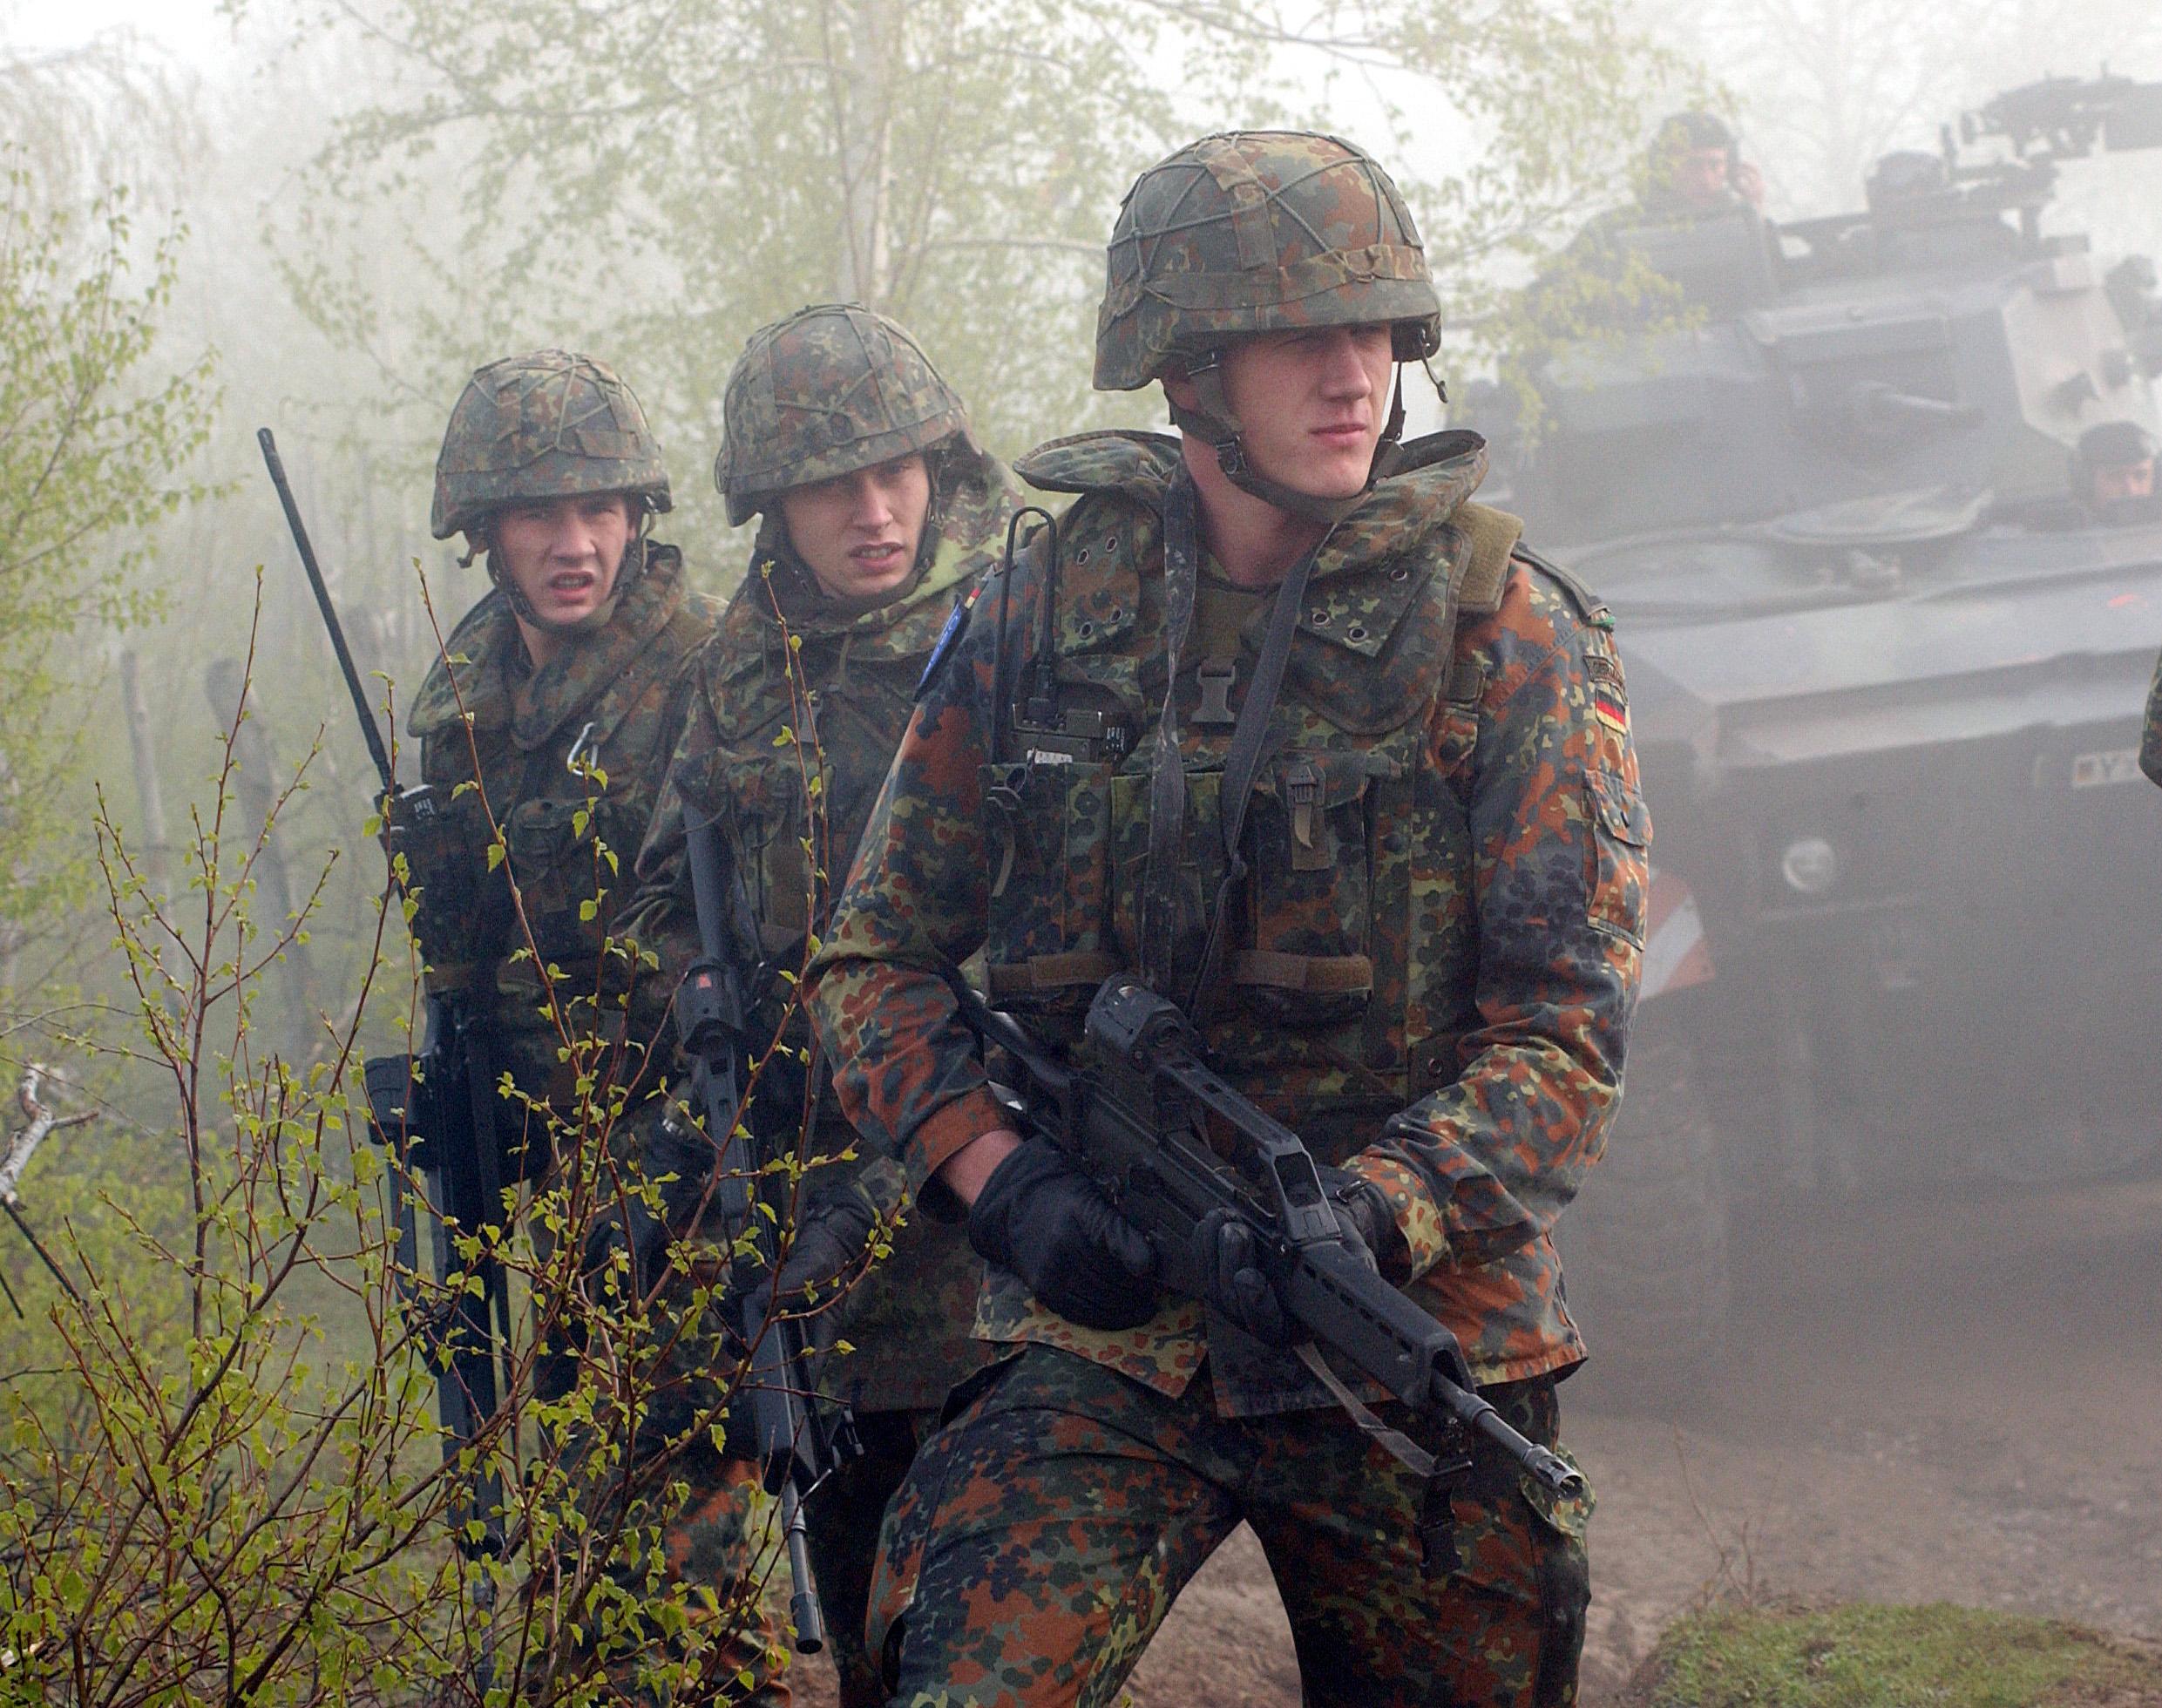 Höhe, um der Armee beizutreten